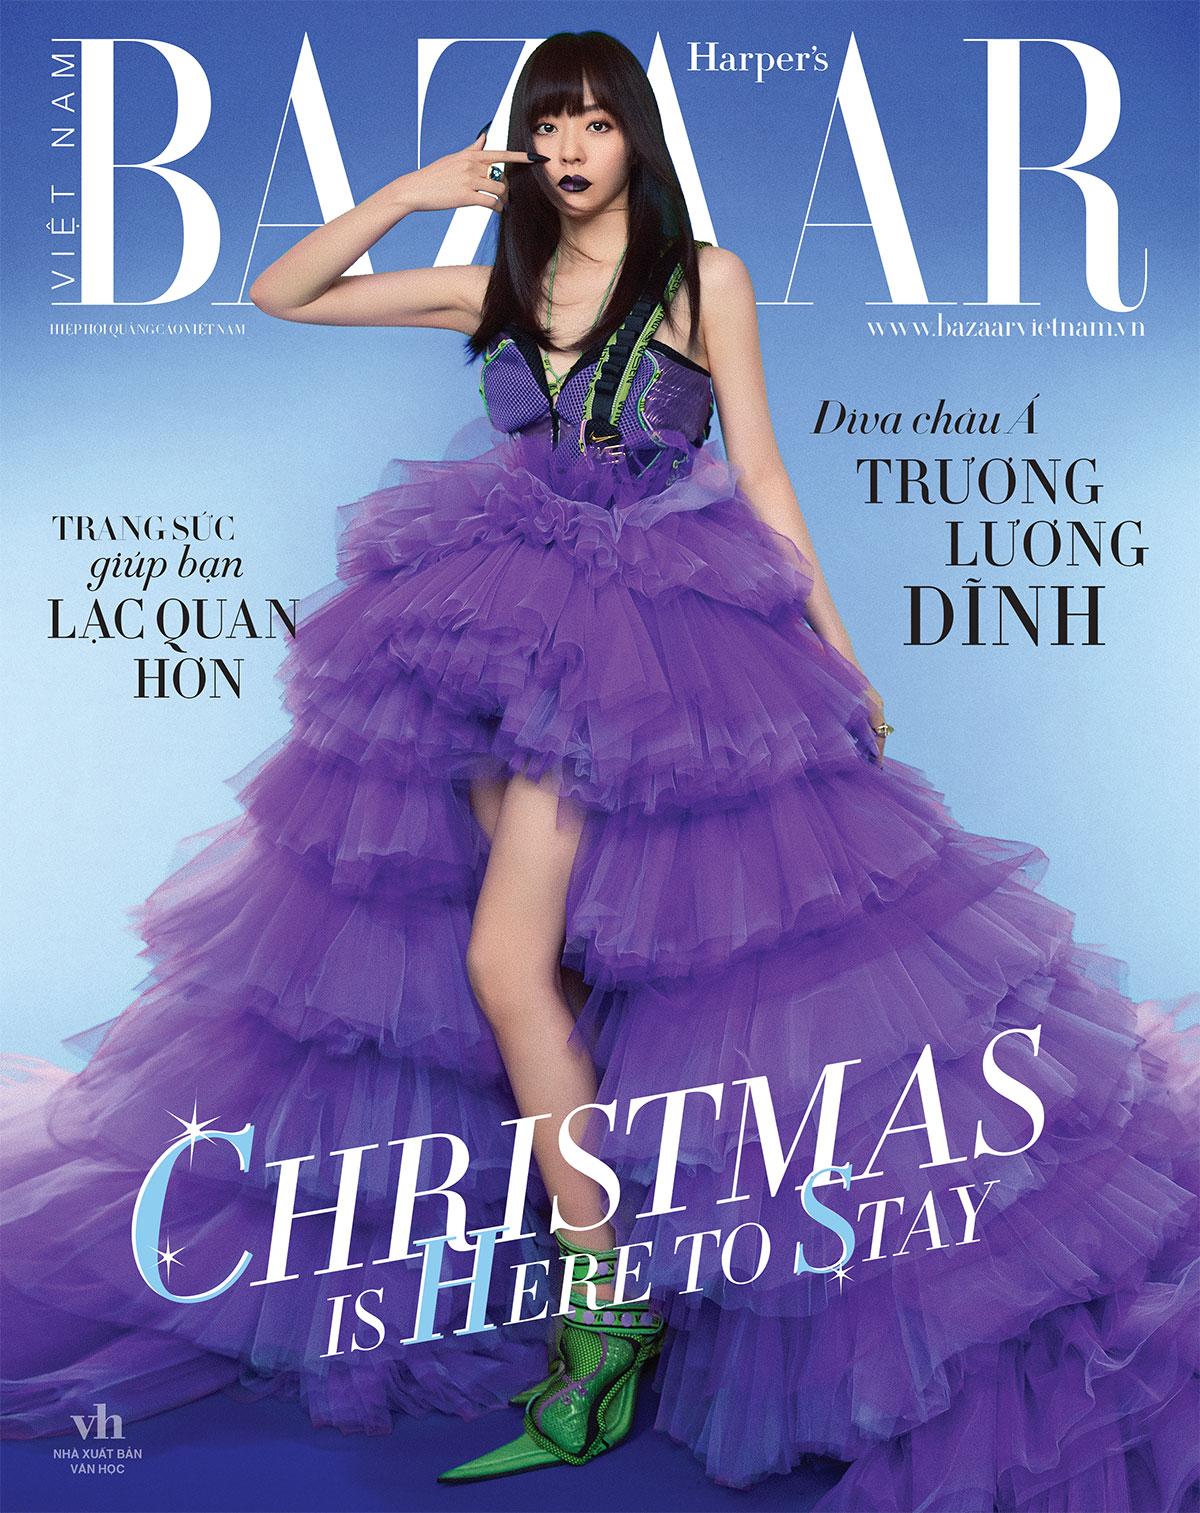 Trương Lương Dĩnh trên bìa Harper's Bazaar Việt Nam 12-2020